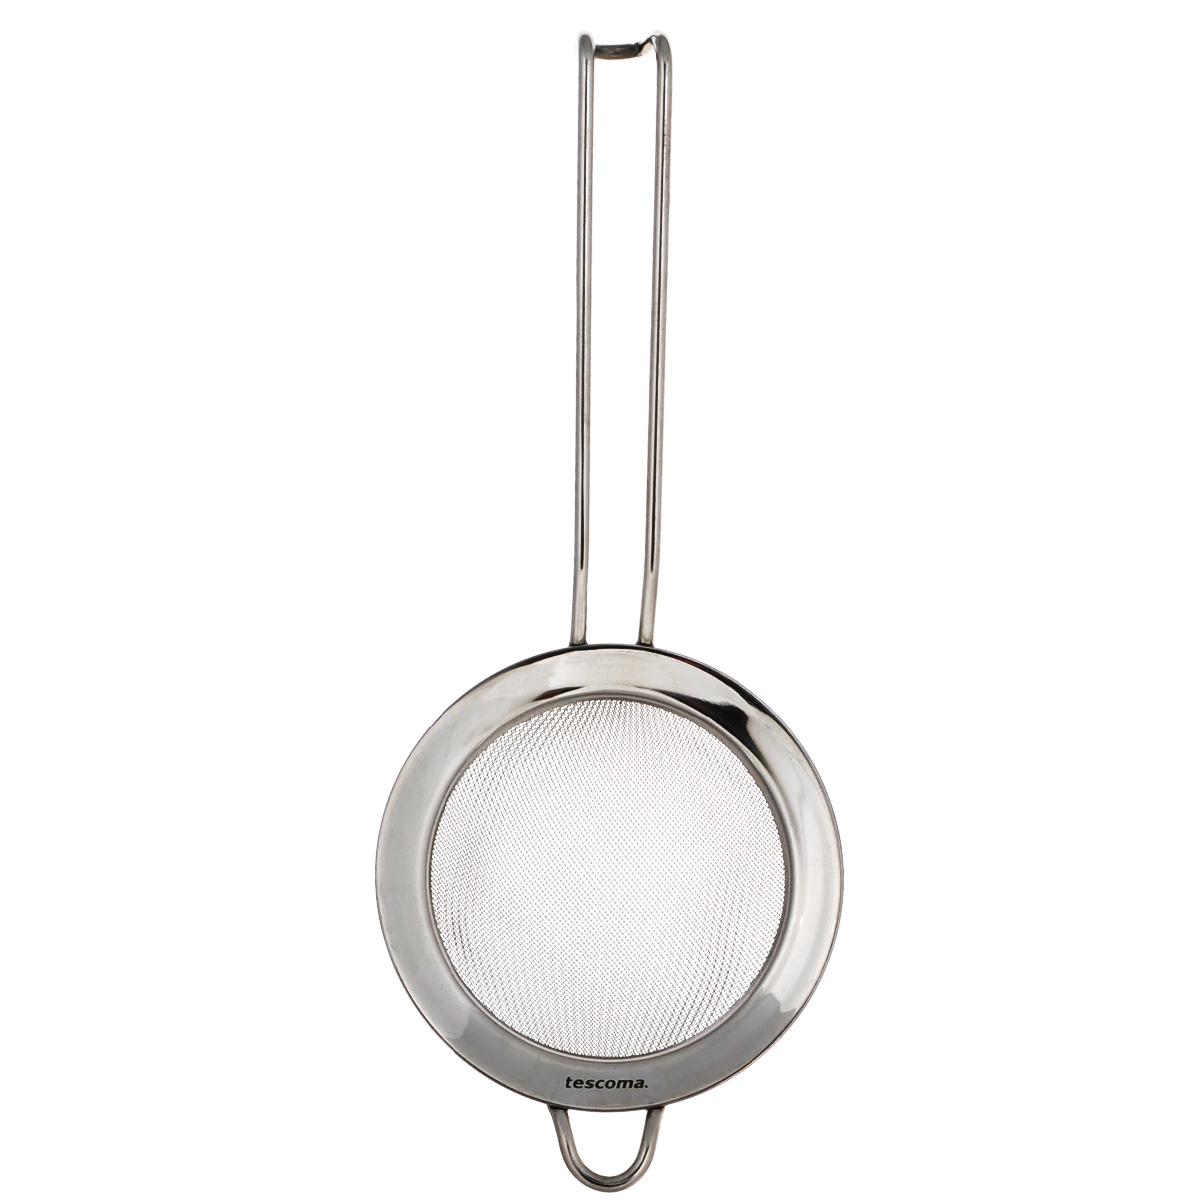 Сито Tescoma Chef, диаметр 10 см428044Сито Tescoma Chef, выполненное из высококачественной нержавеющей стали, станет незаменимым аксессуаром на вашей кухне. Удобная ручка-пруток не позволит выскользнуть изделию из вашей руки. Прочная стальная сетка и корпус обеспечивают изделию износостойкость и долговечность. Сито оснащено специальным ушком, за которое его можно подвесить в любом месте. Такое сито поможет вам процедить или просеять продукты и станет достойным дополнением к кухонному инвентарю. Можно мыть в посудомоечной машине.